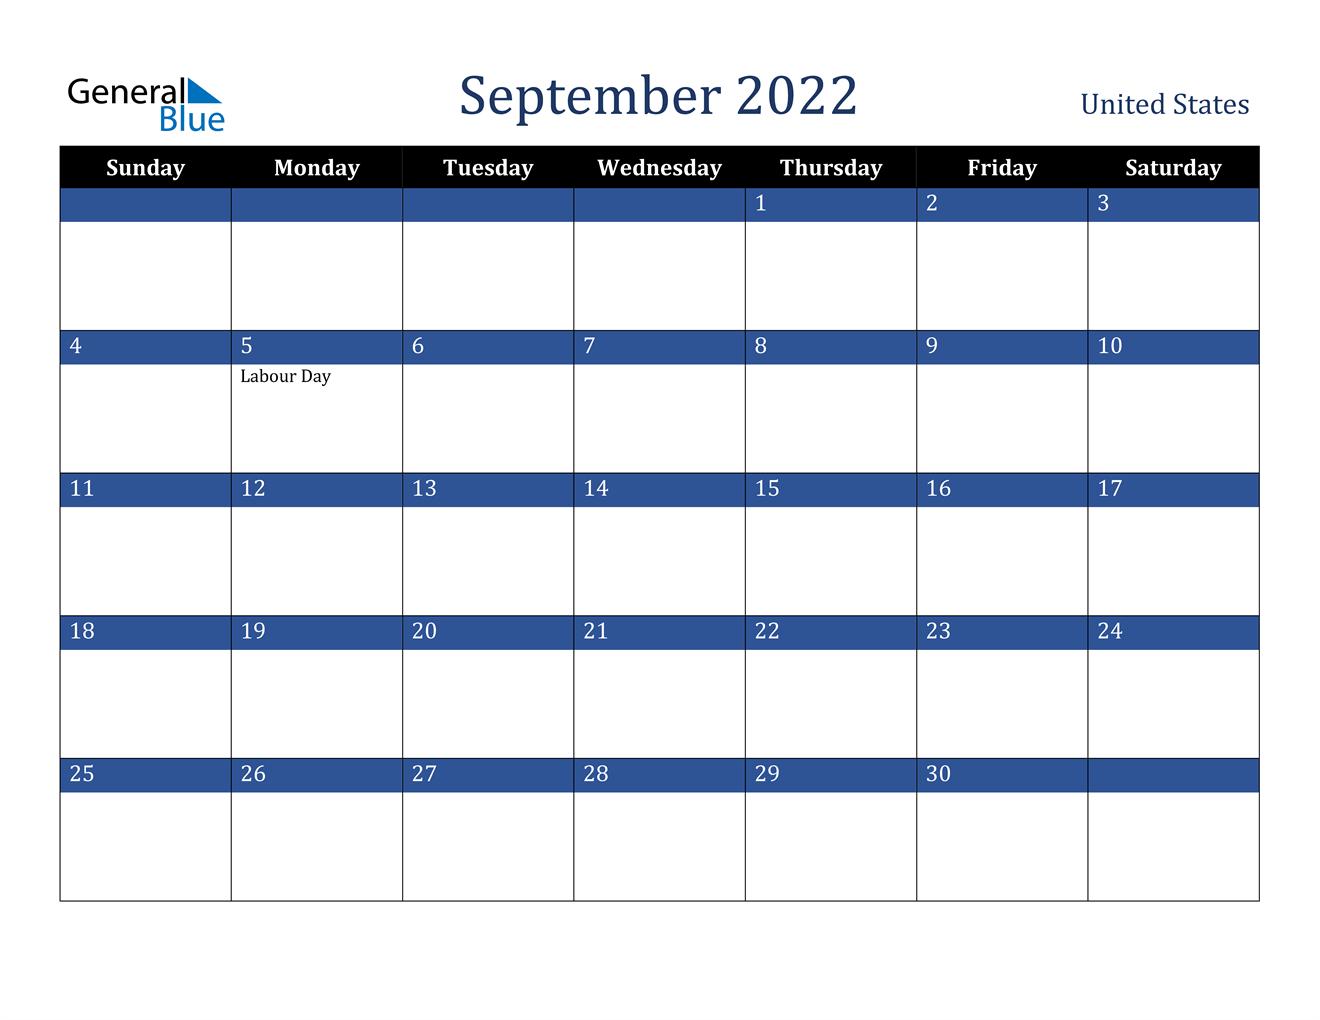 September 2022 Calendar - United States